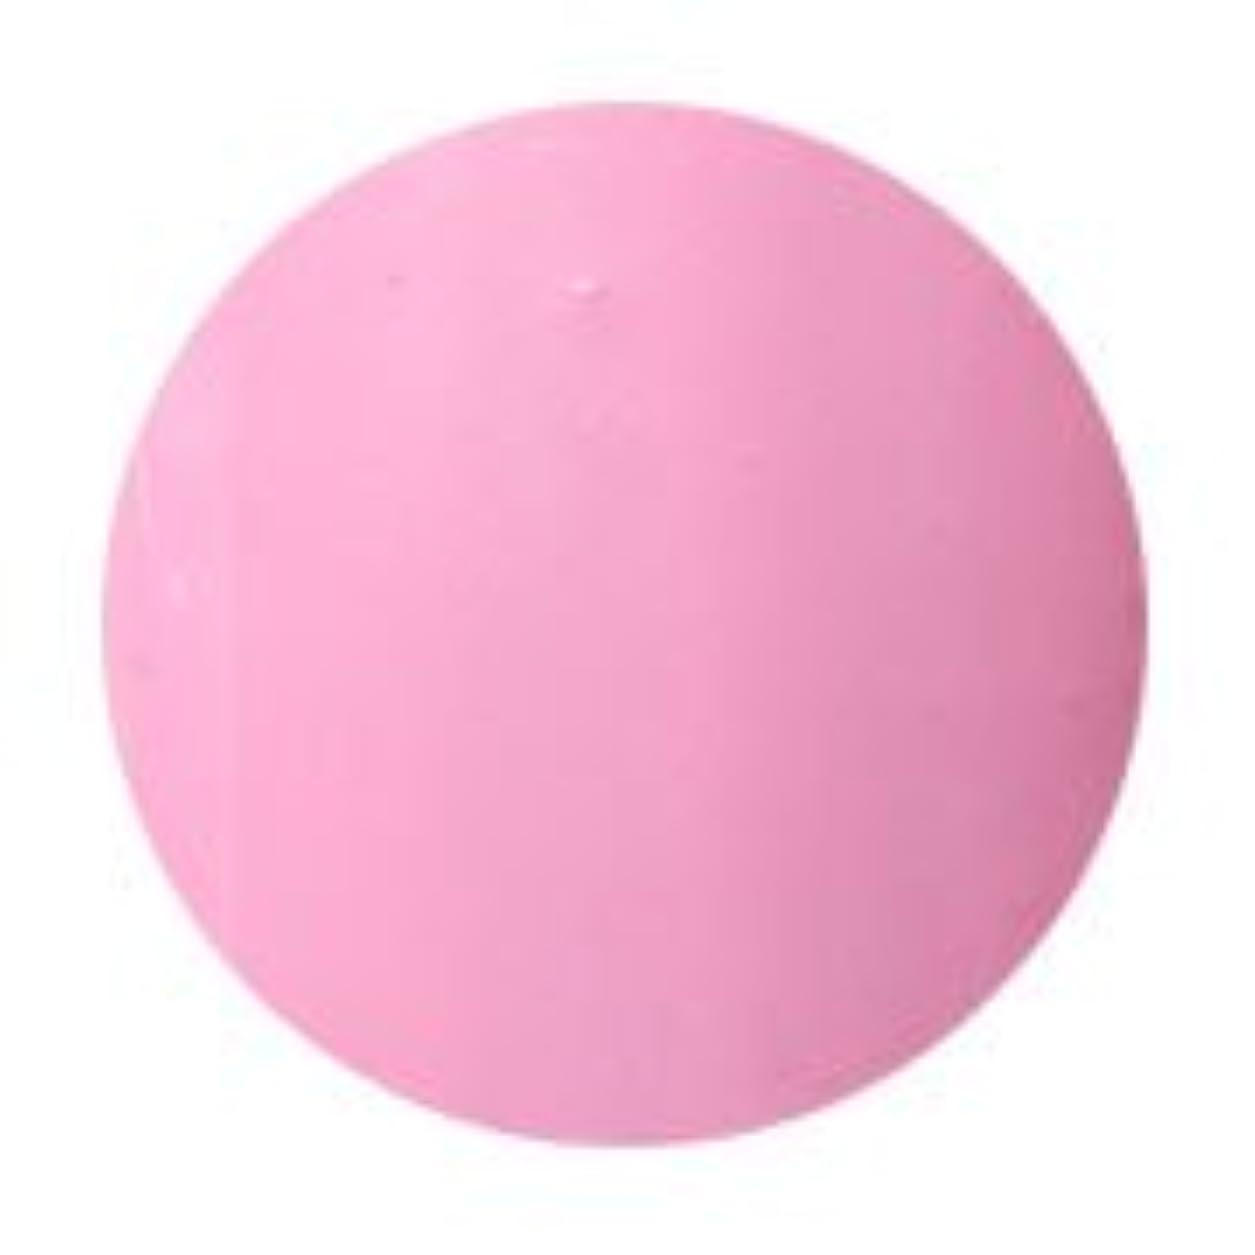 世界記録のギネスブックの配列Putiel(プティール) カラージェル キャンディ 3g<BR>C11 ミルクピンク